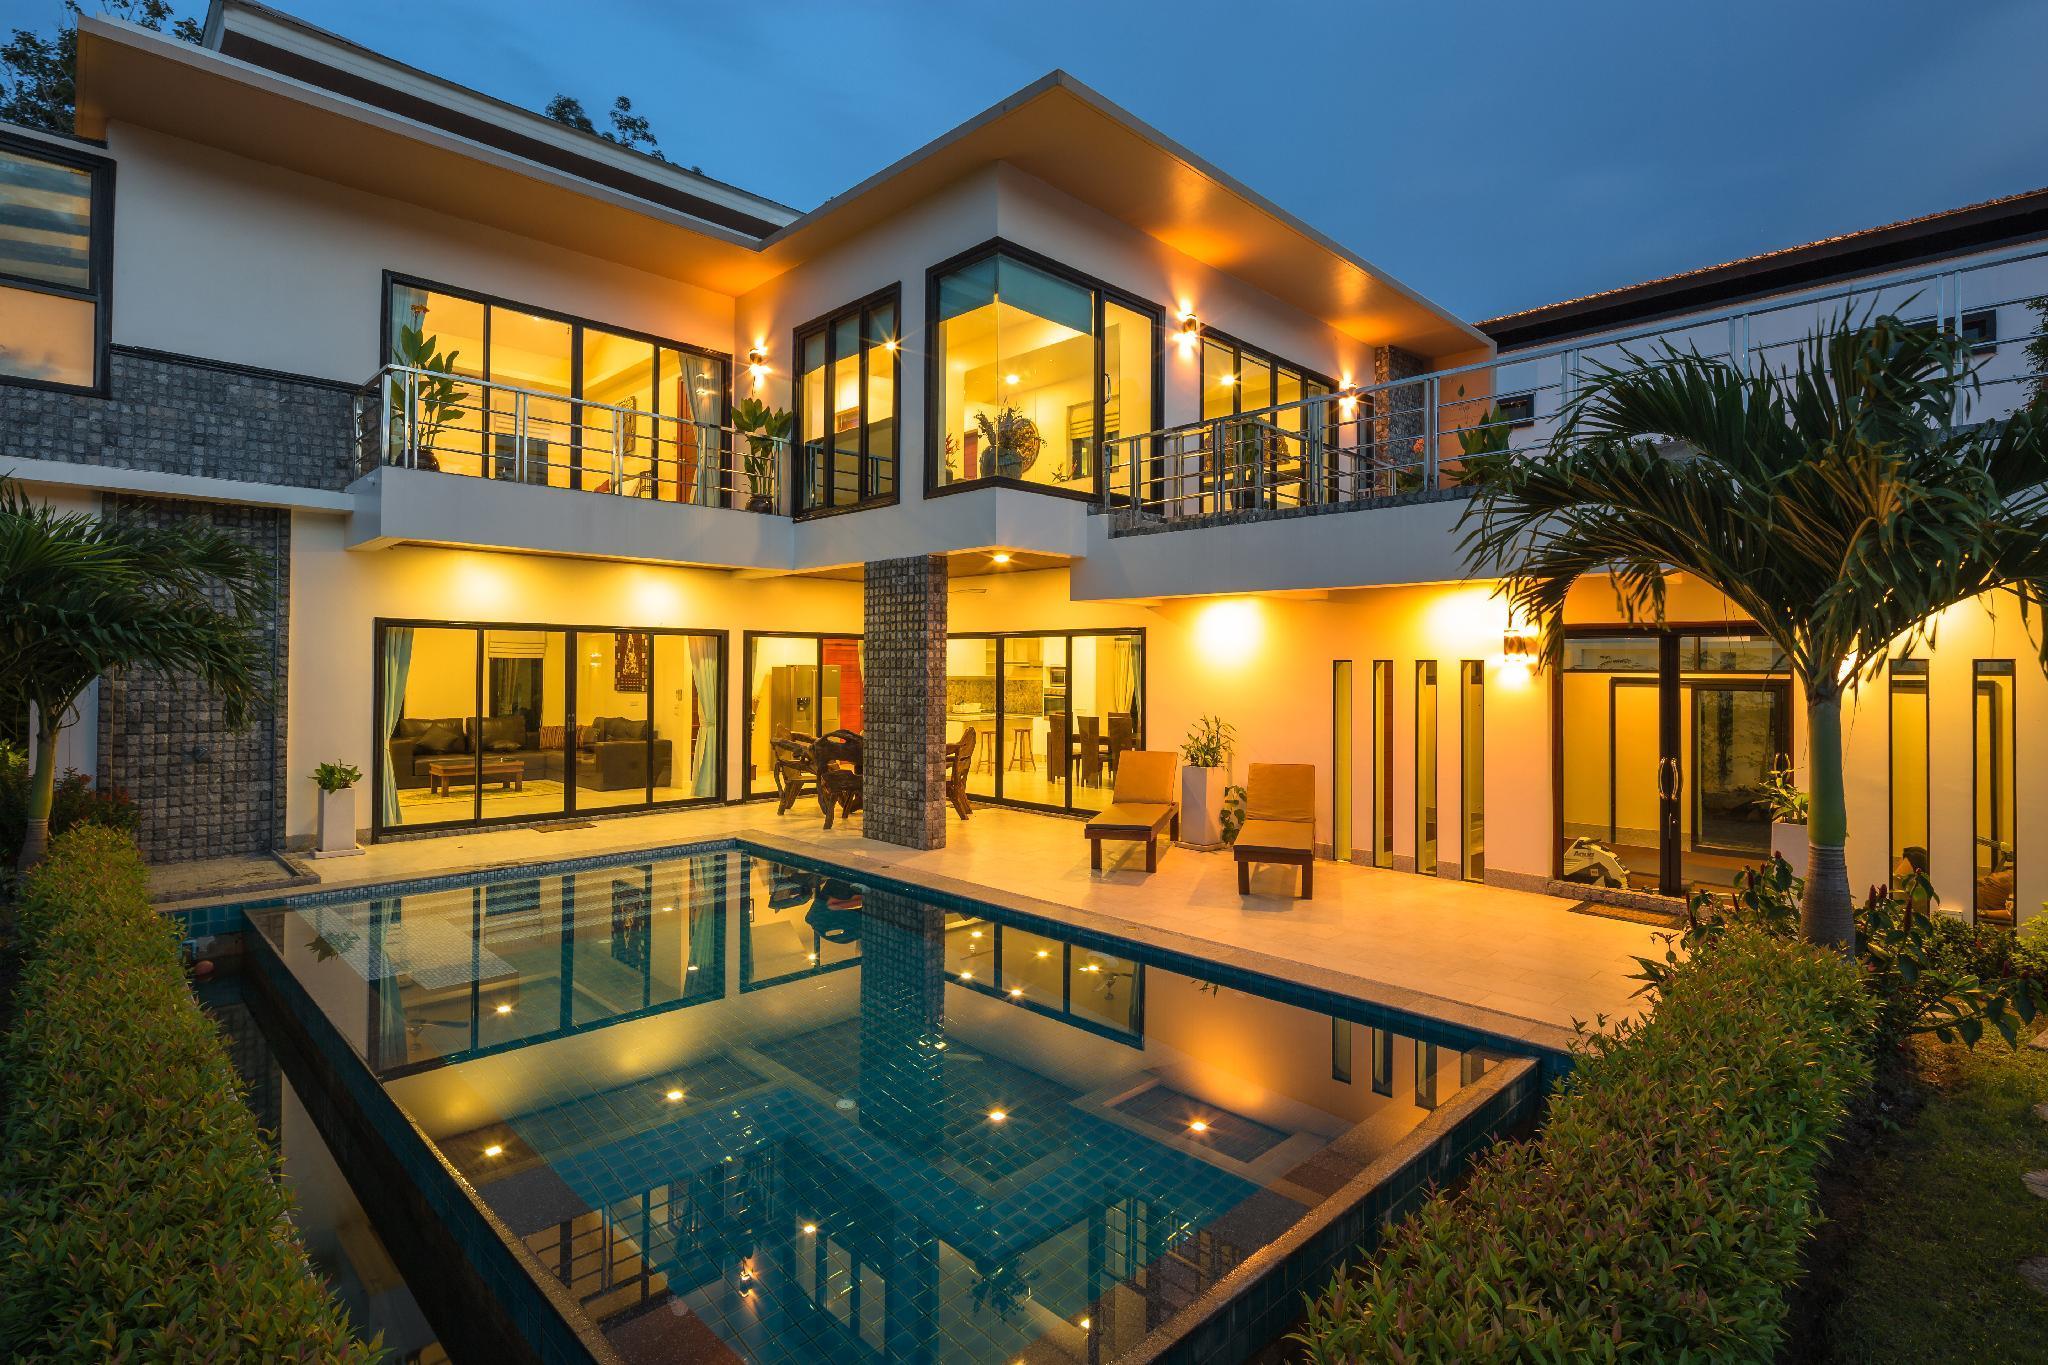 Dreamz Tropical Private Pool Villa